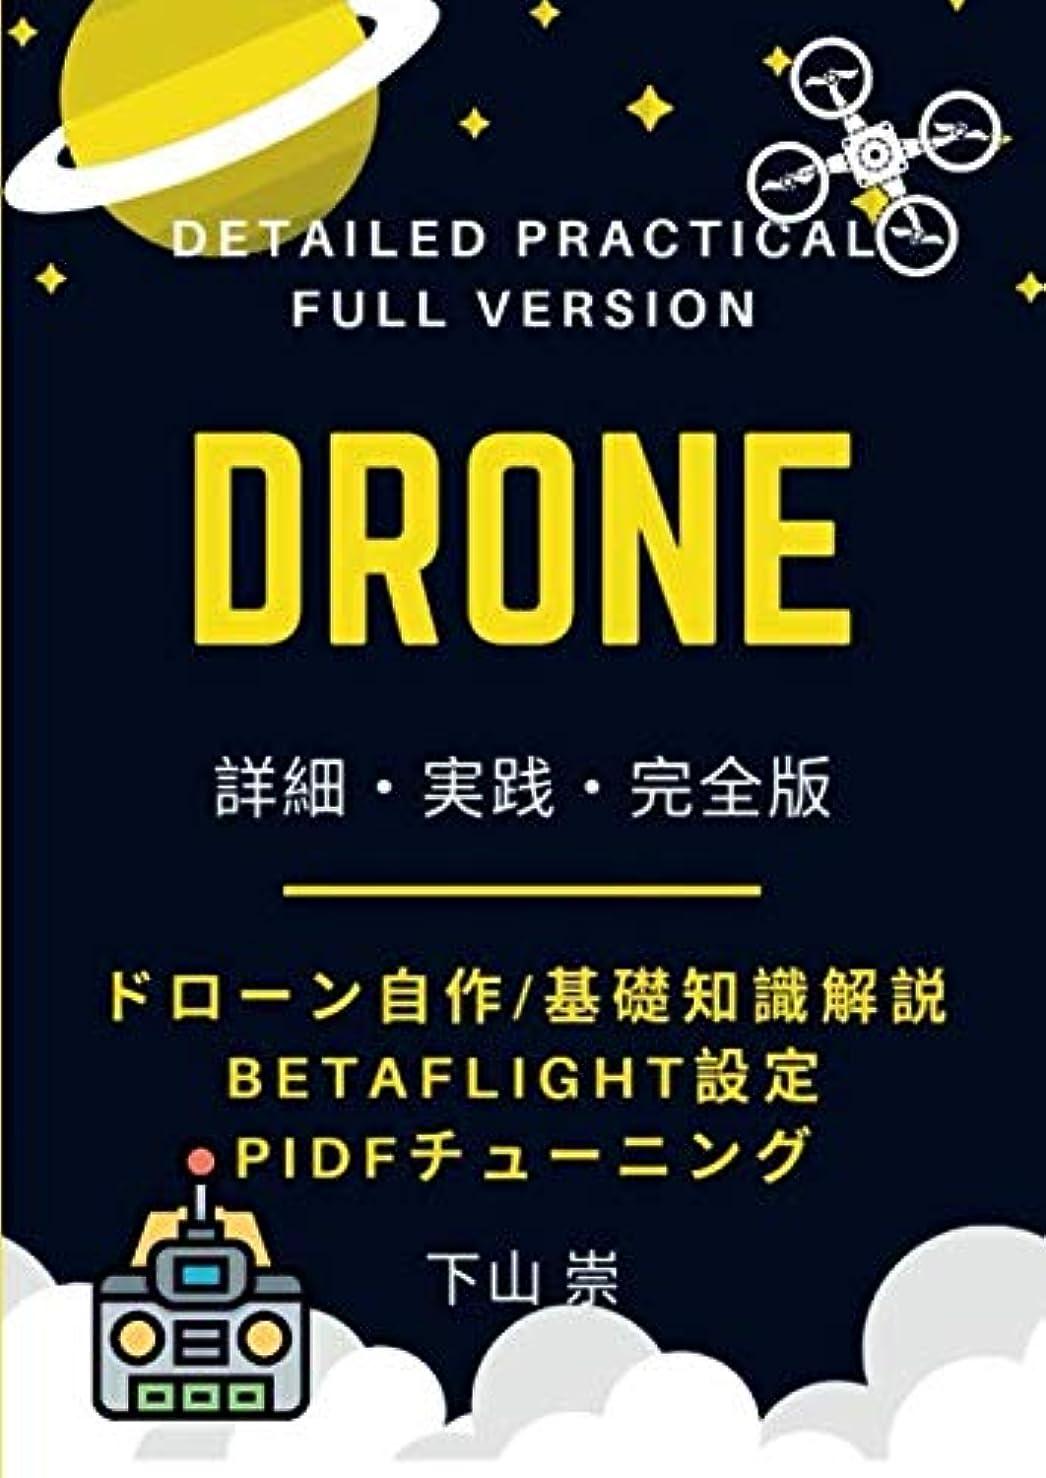 シンボルファウル逆説DRONE: ドローンの基礎知識解説から組み立て、BetaFlight設定、PIDFチューニングまでを完全網羅 第7版 (2019年6月21日改訂)